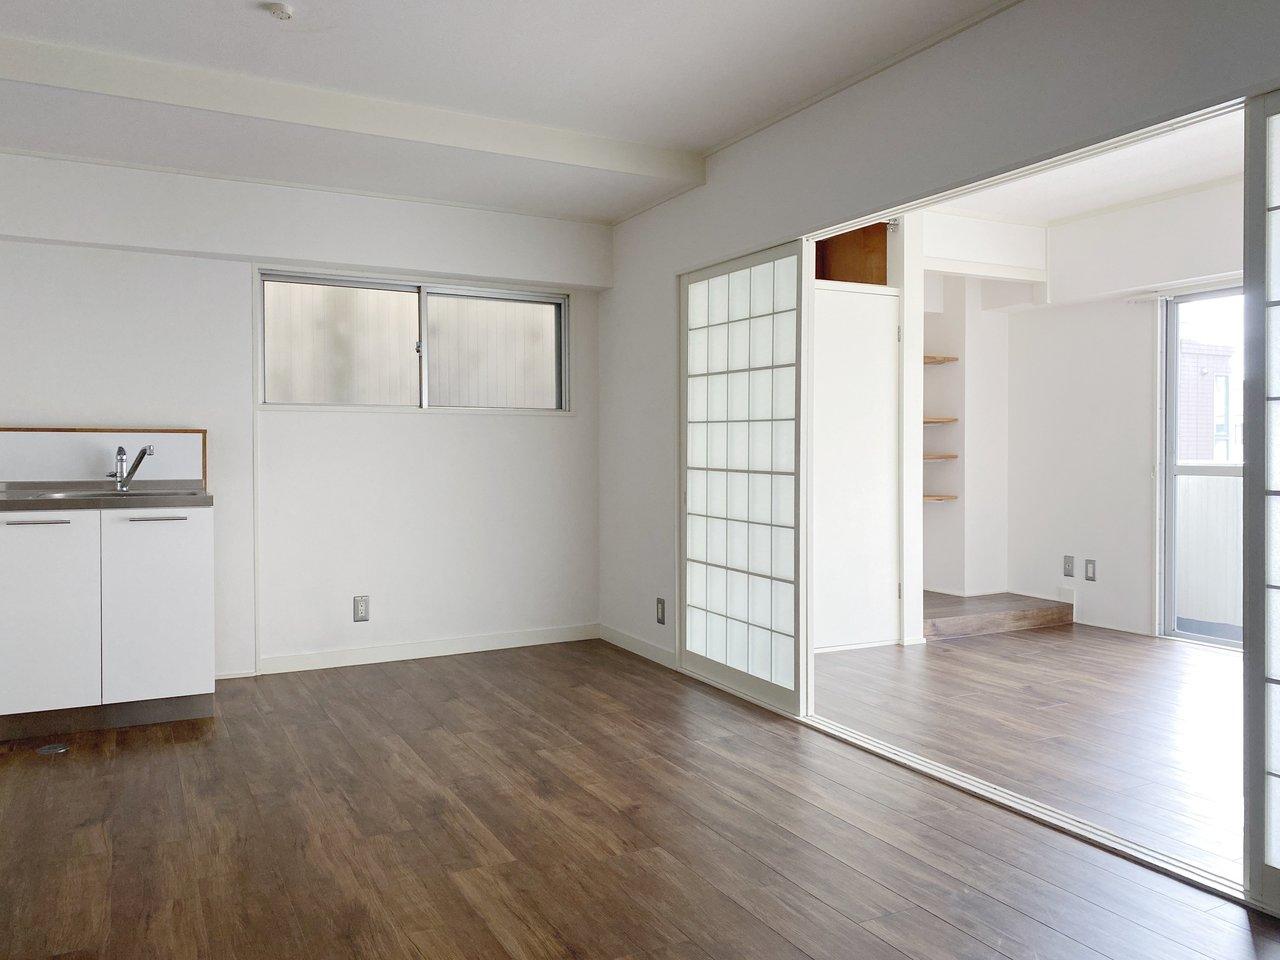 LDKは14畳、隣の洋室は6畳あり、引き戸を開けていればさらに開放感アップ。